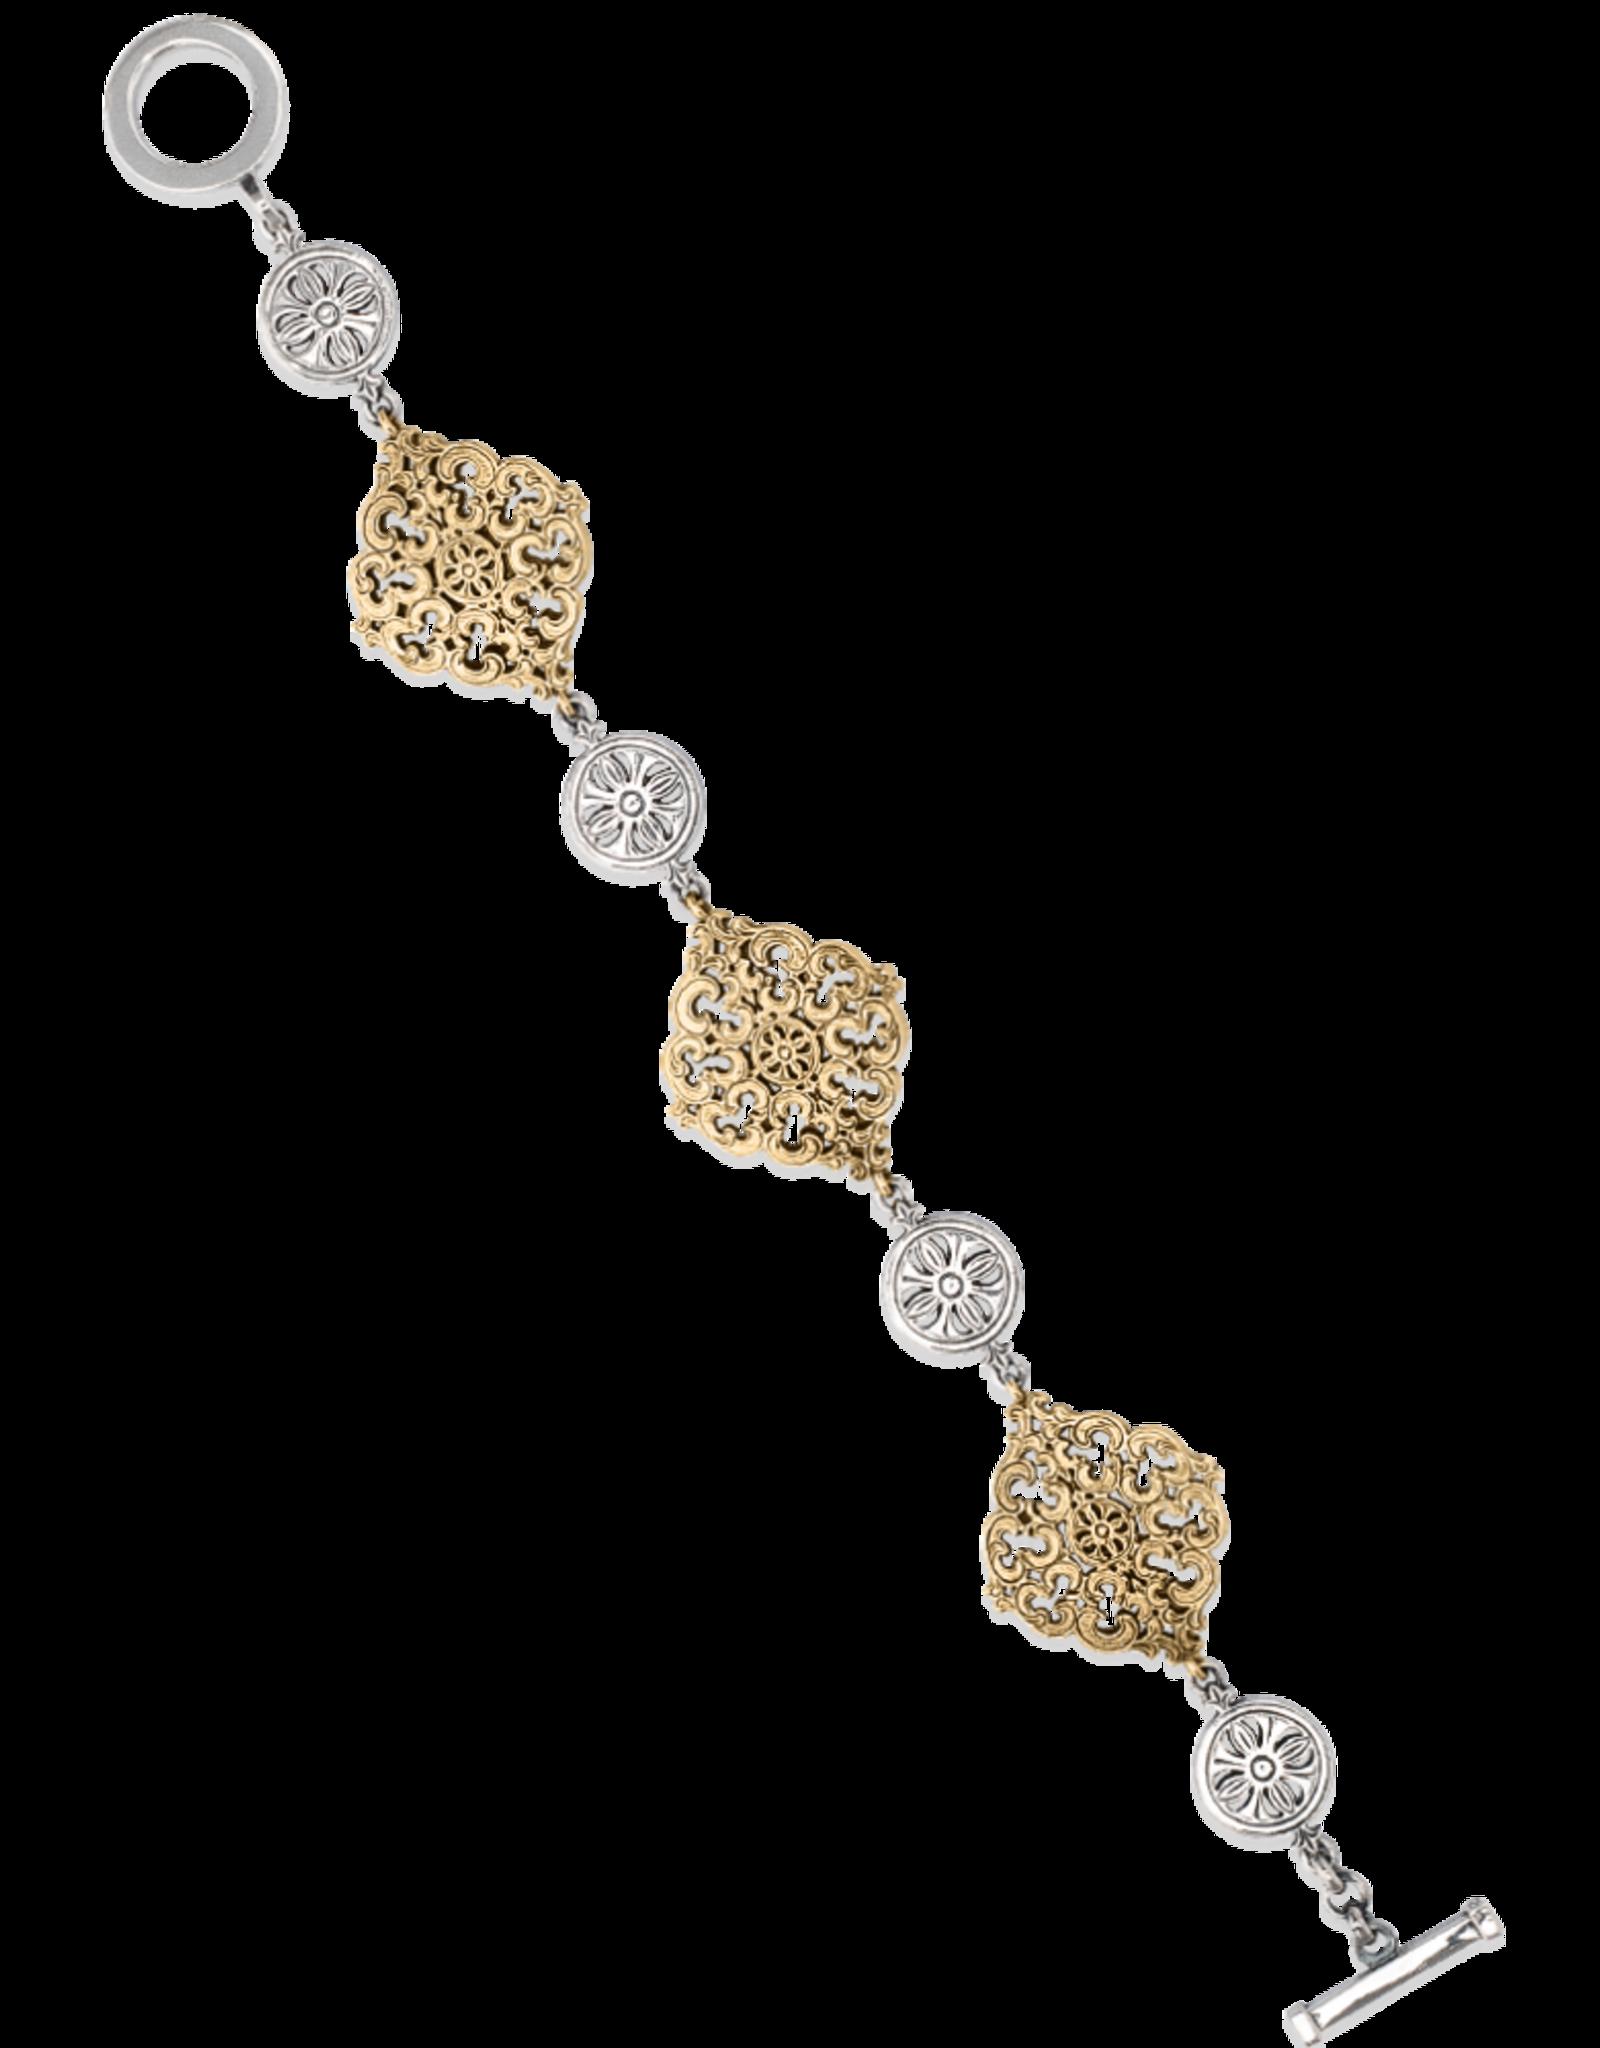 Mignon Faget Mignon Faget Renaissance Bronze Linking Bracelet